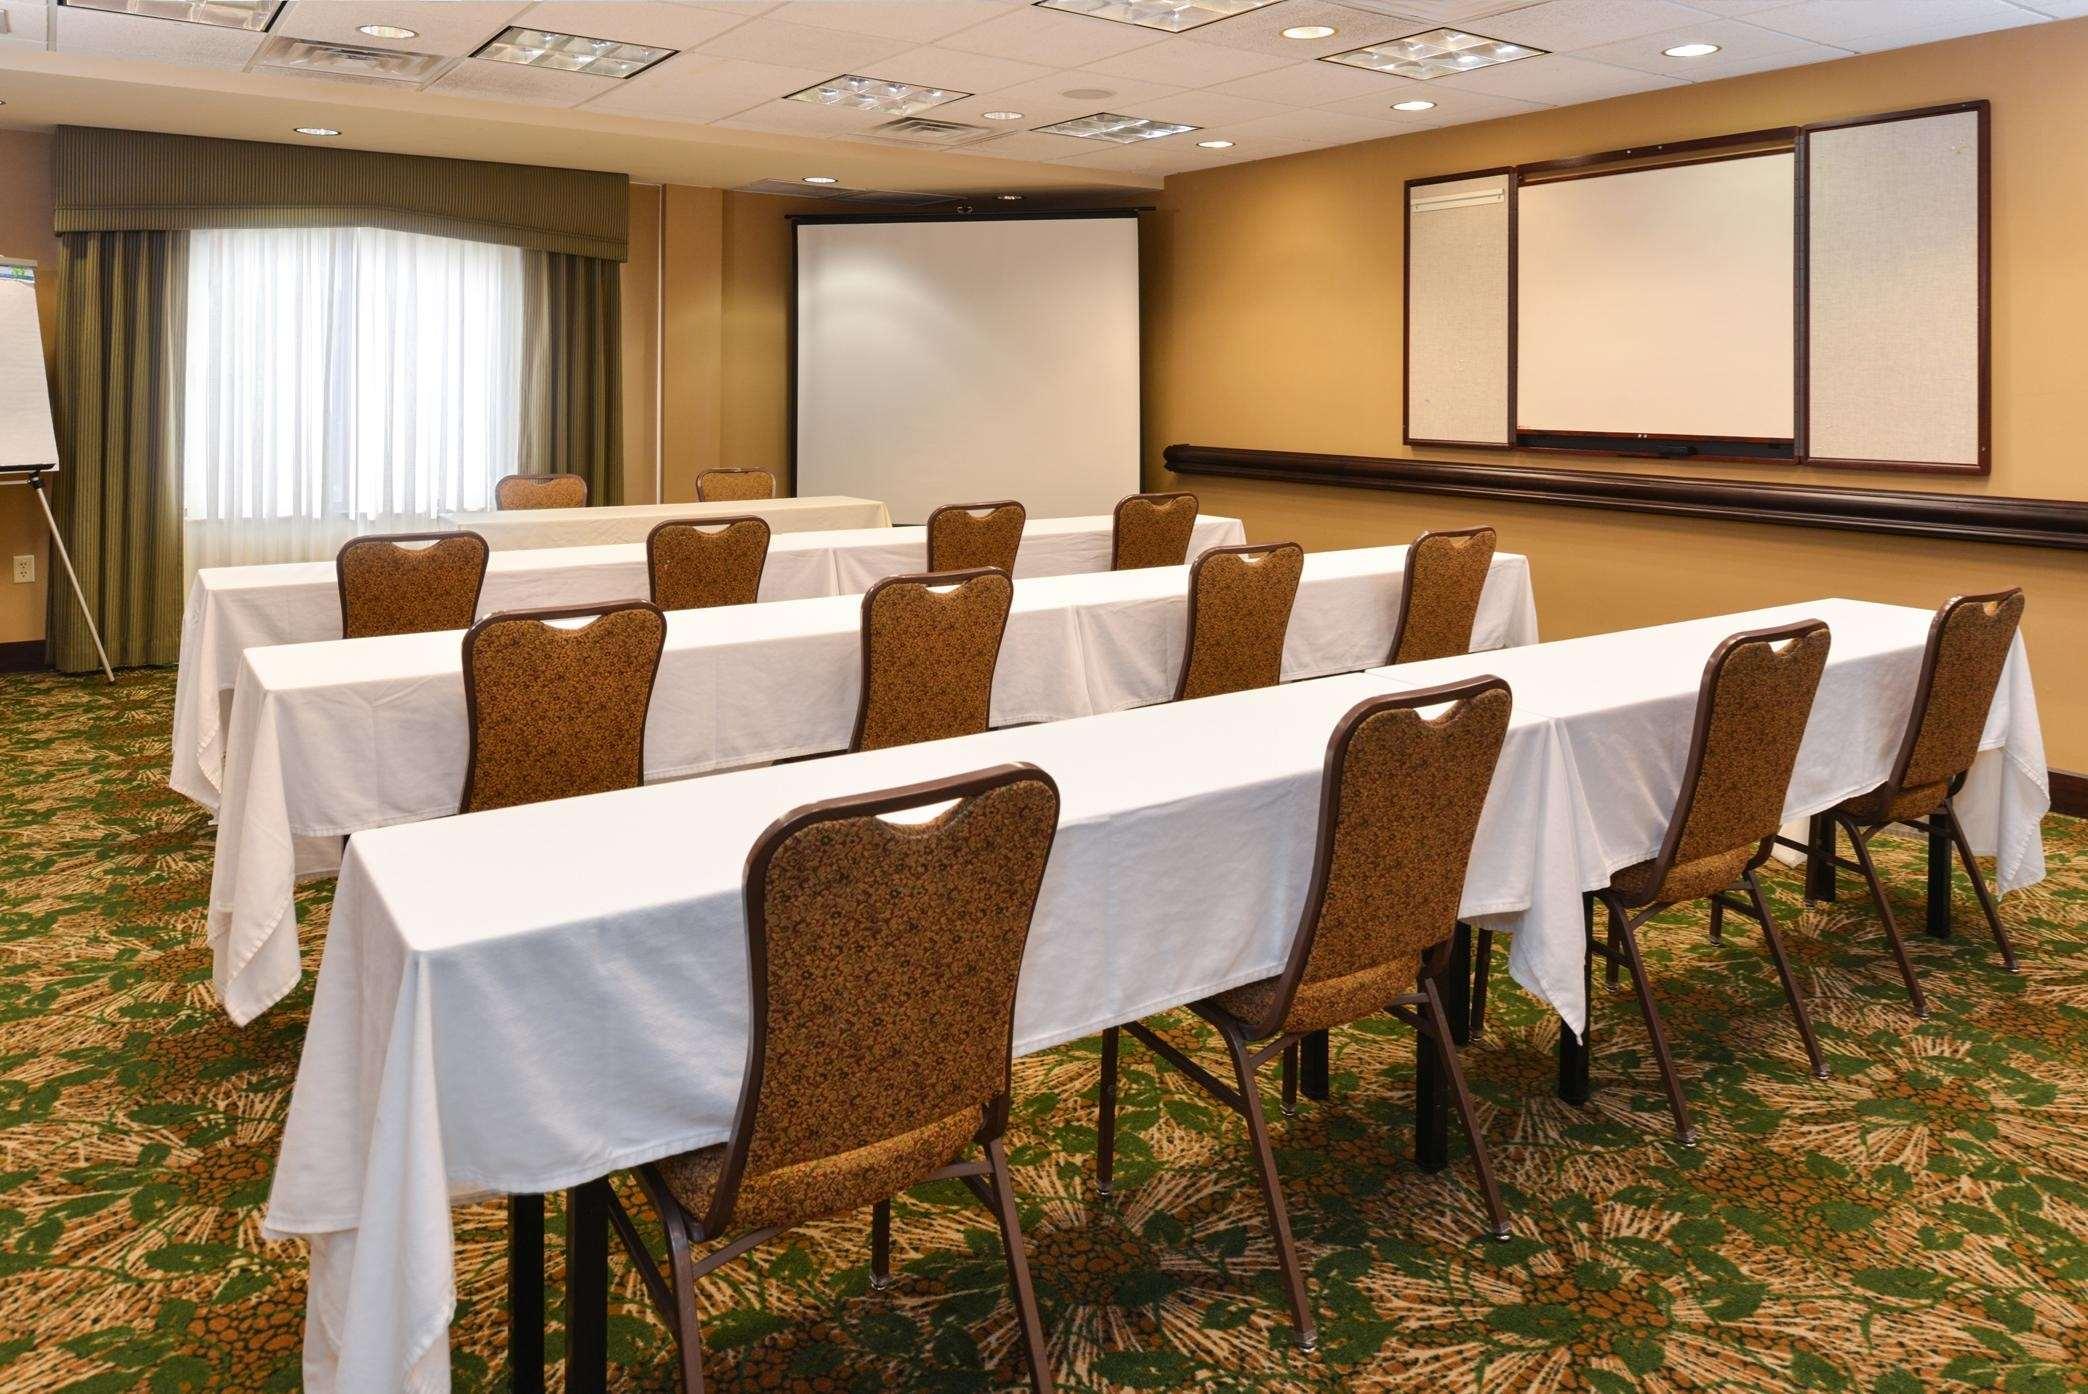 Hampton Inn & Suites Casper image 39